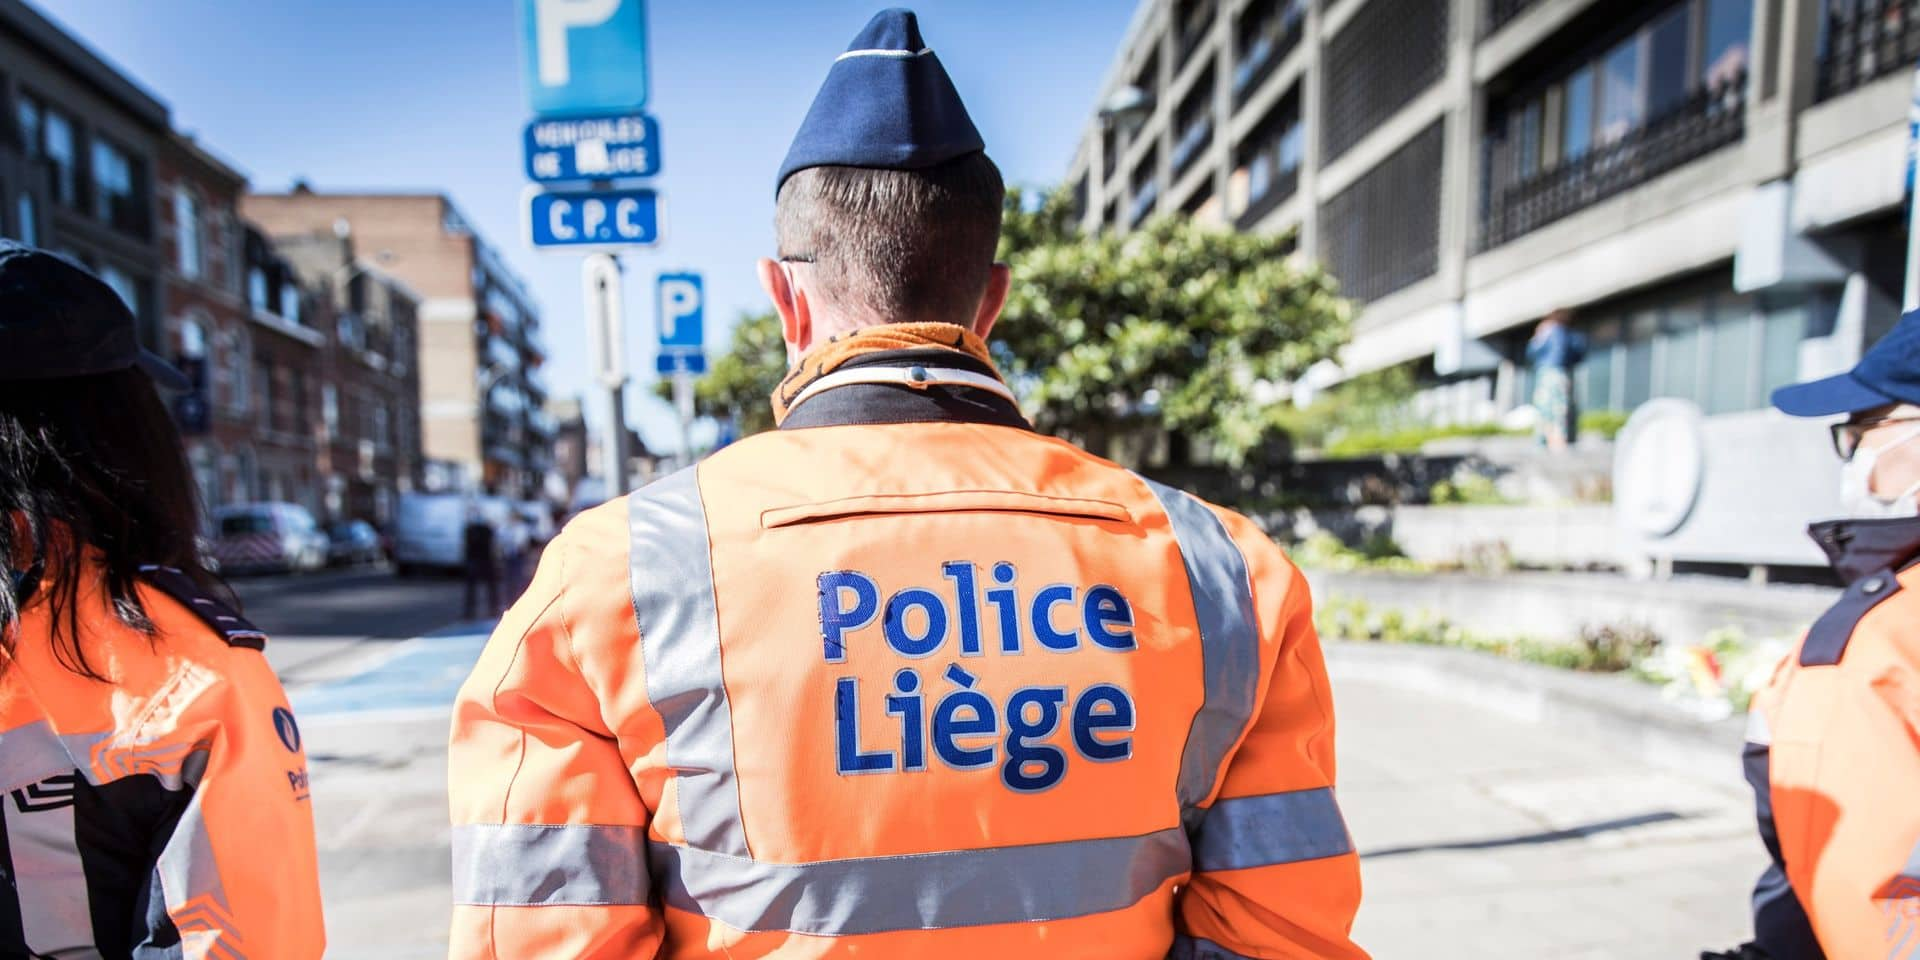 La police acquiert la piste de circulation